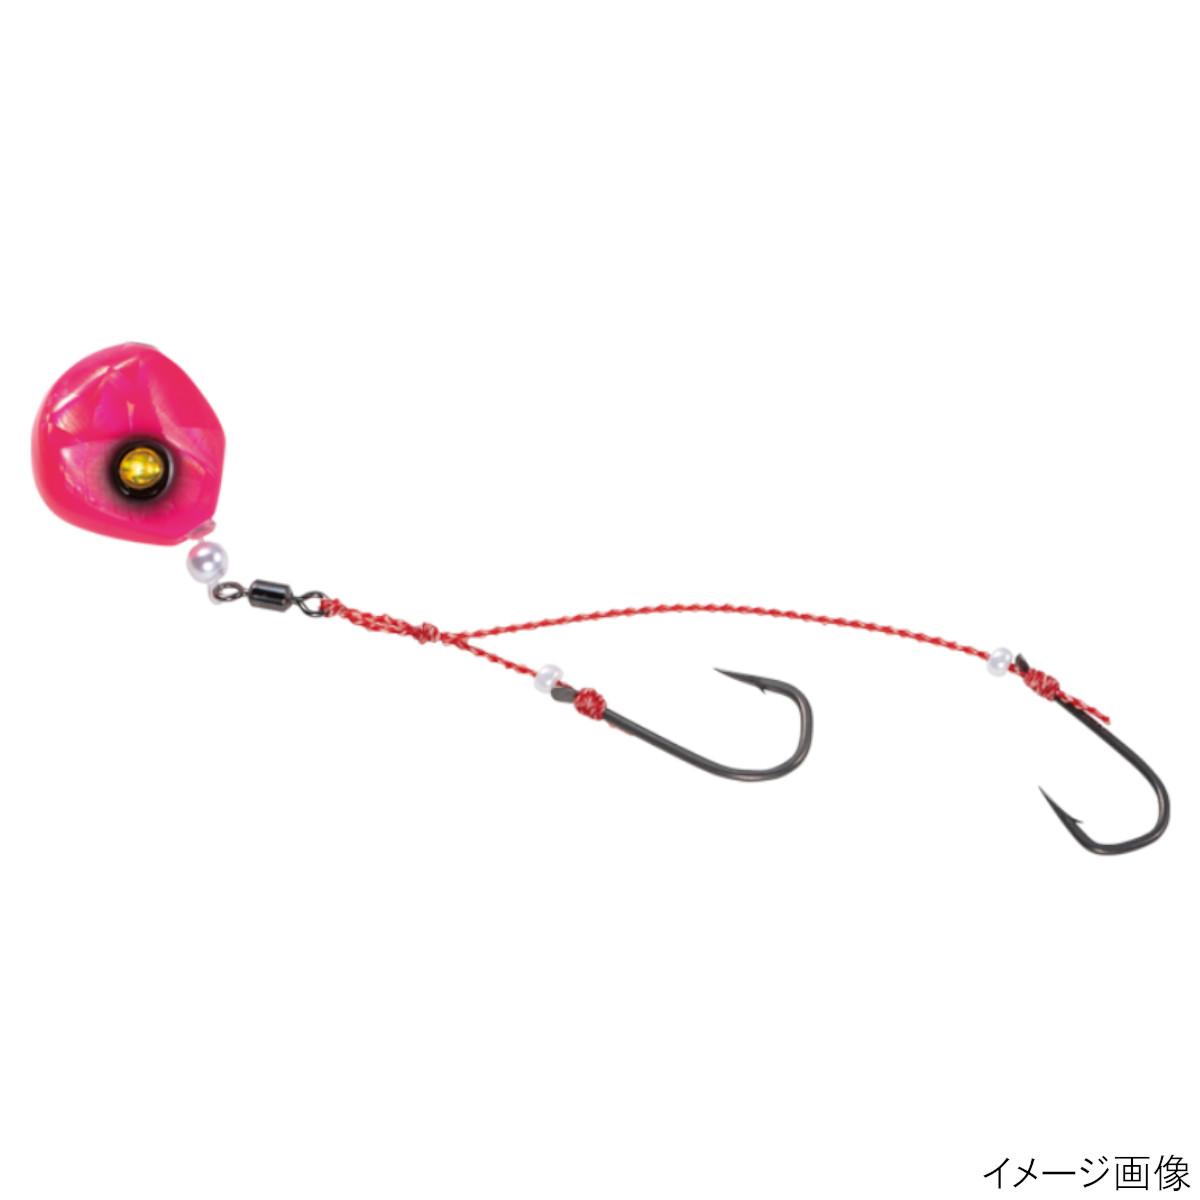 無双真鯛 貫撃遊動テンヤ FD SE108 超激安特価 12号 お買得 ゆうパケット 5.ぴかぴかピンク